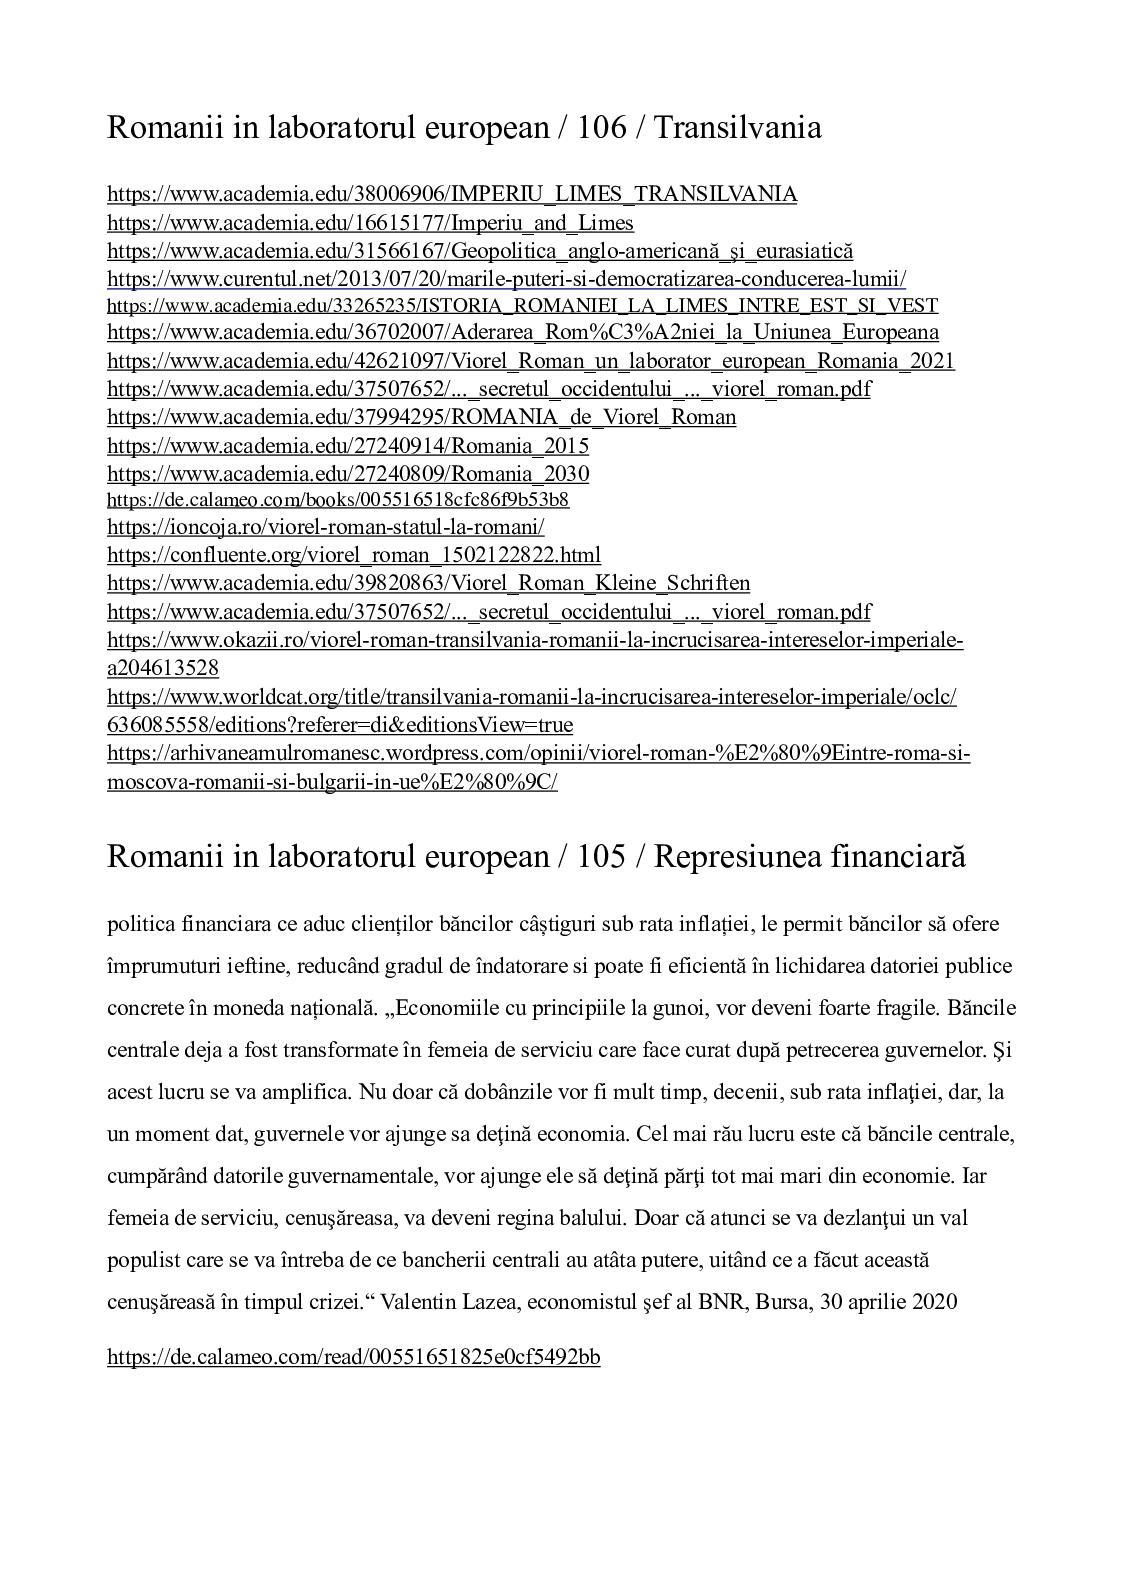 câștiguri ilegale și nu în întregime legale pe internet)